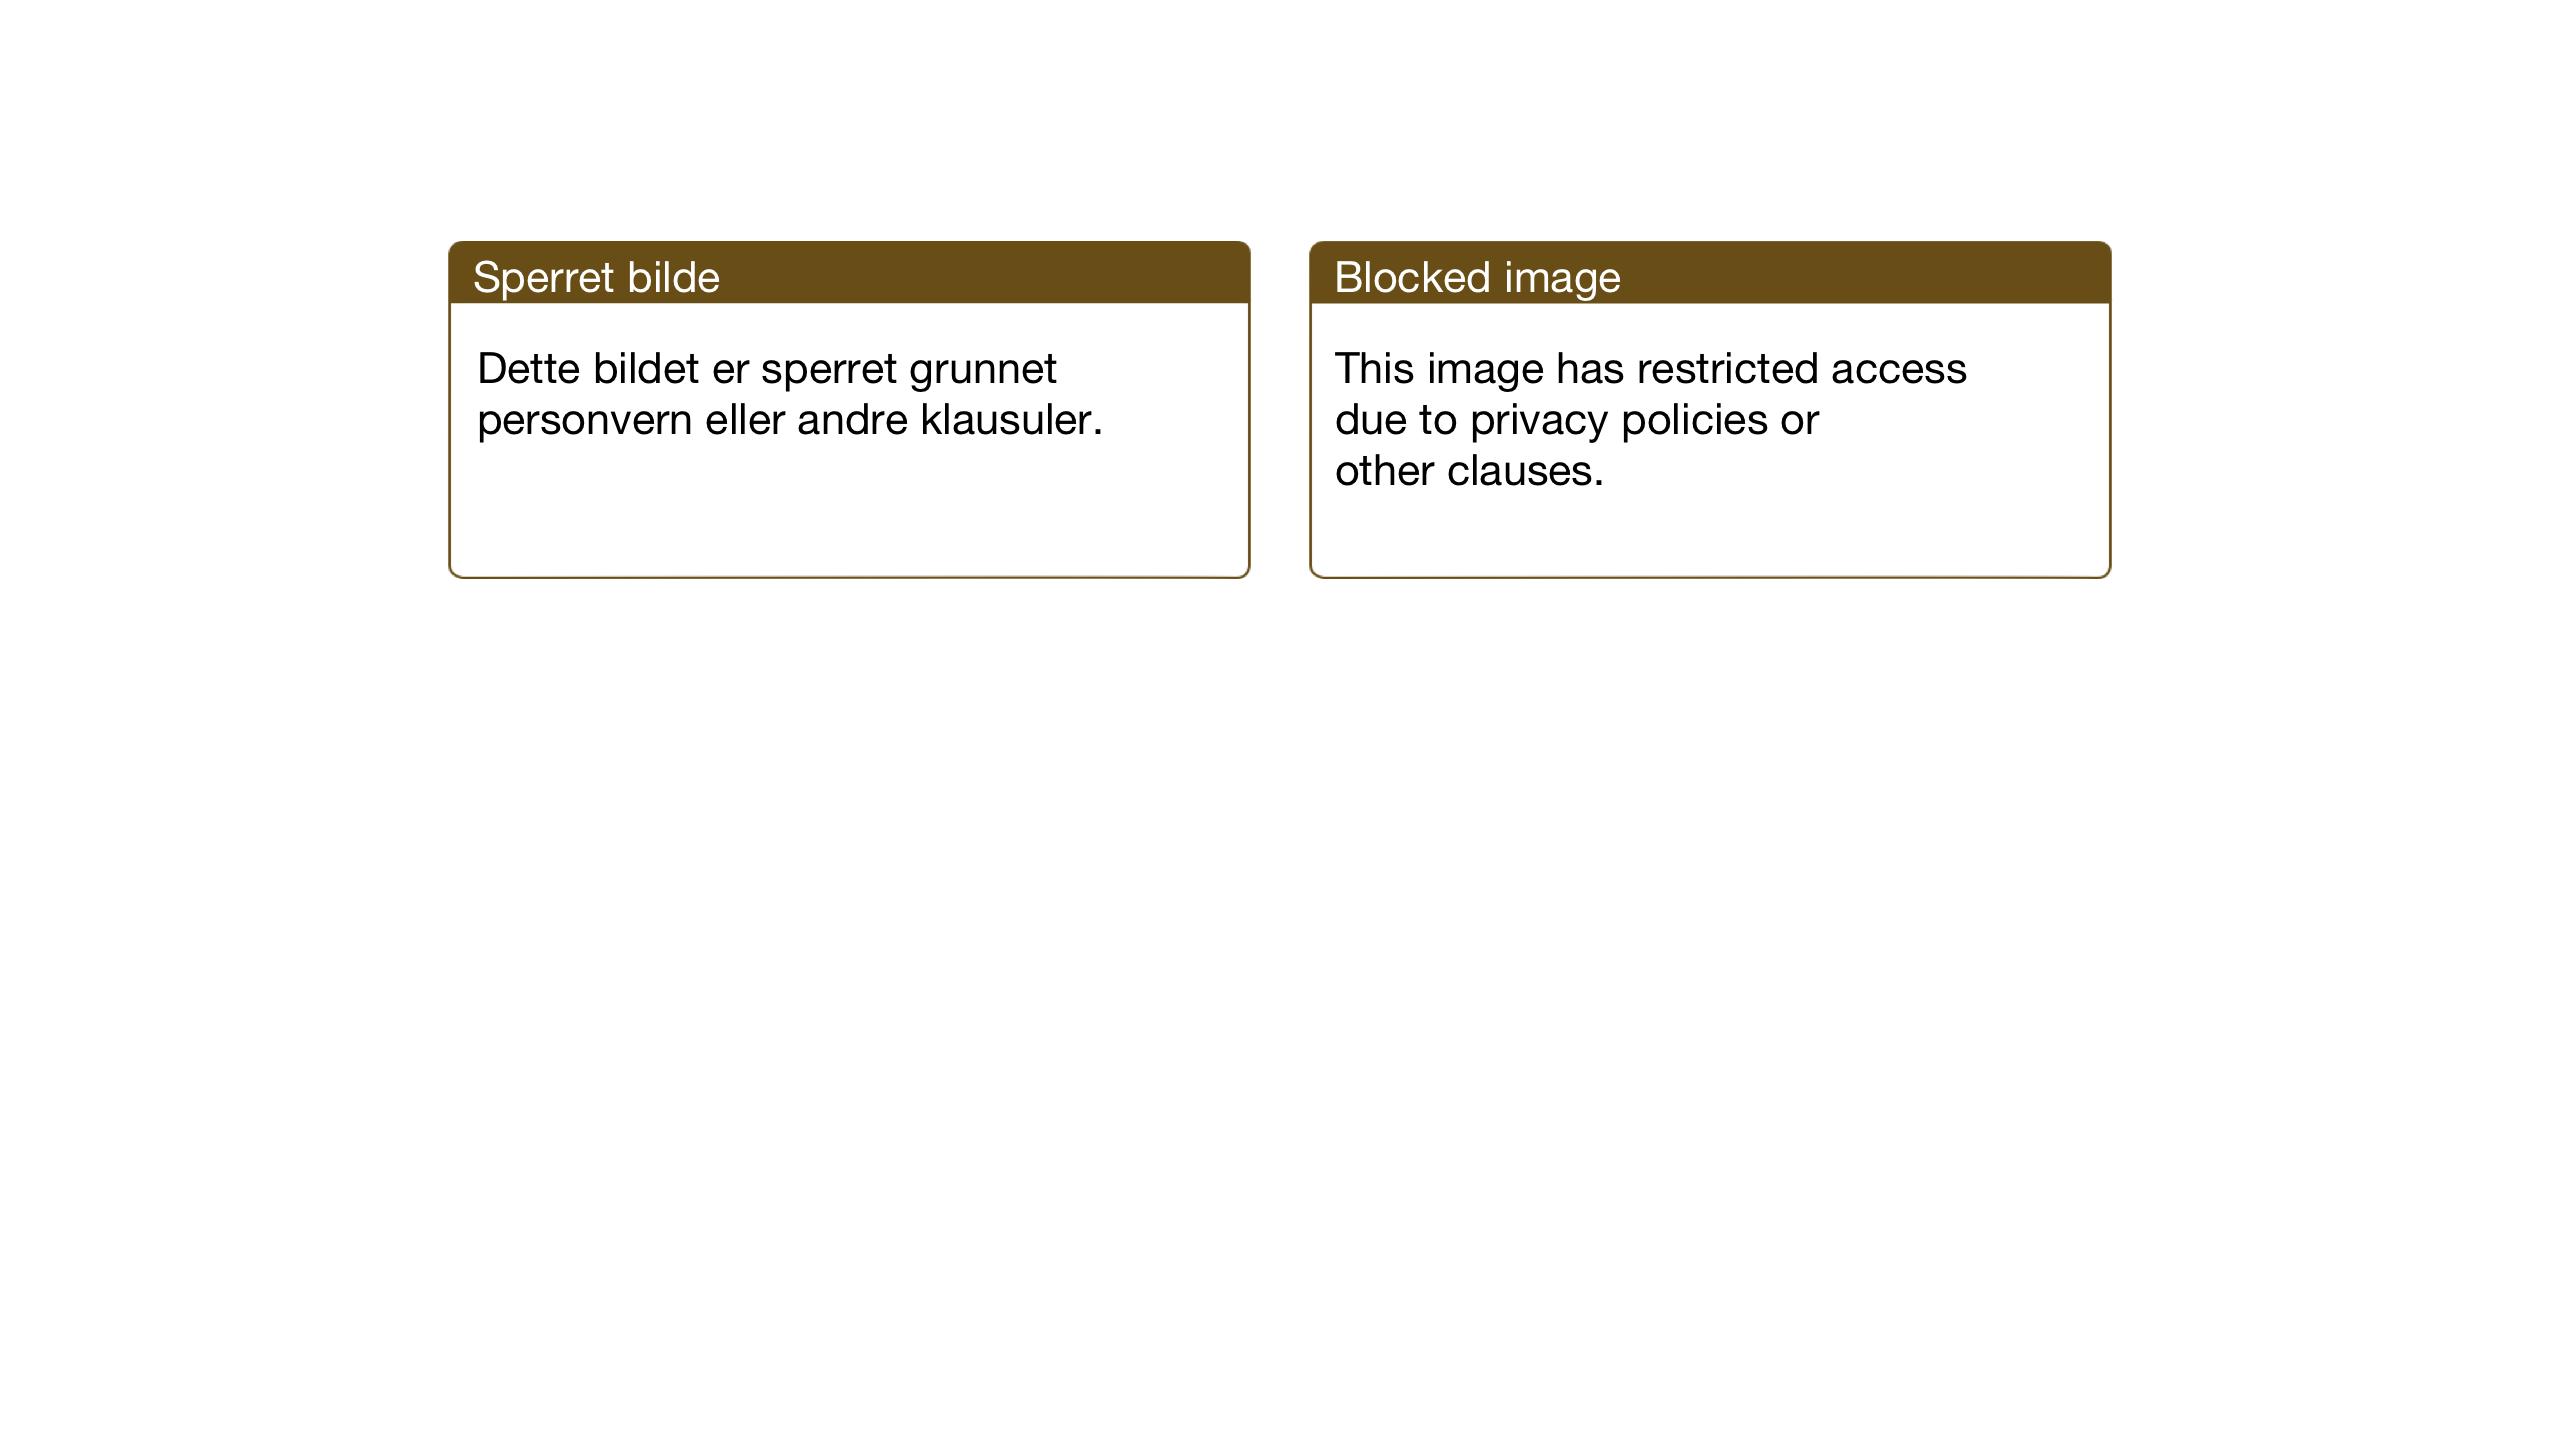 SAT, Ministerialprotokoller, klokkerbøker og fødselsregistre - Nord-Trøndelag, 749/L0481: Klokkerbok nr. 749C03, 1933-1945, s. 28